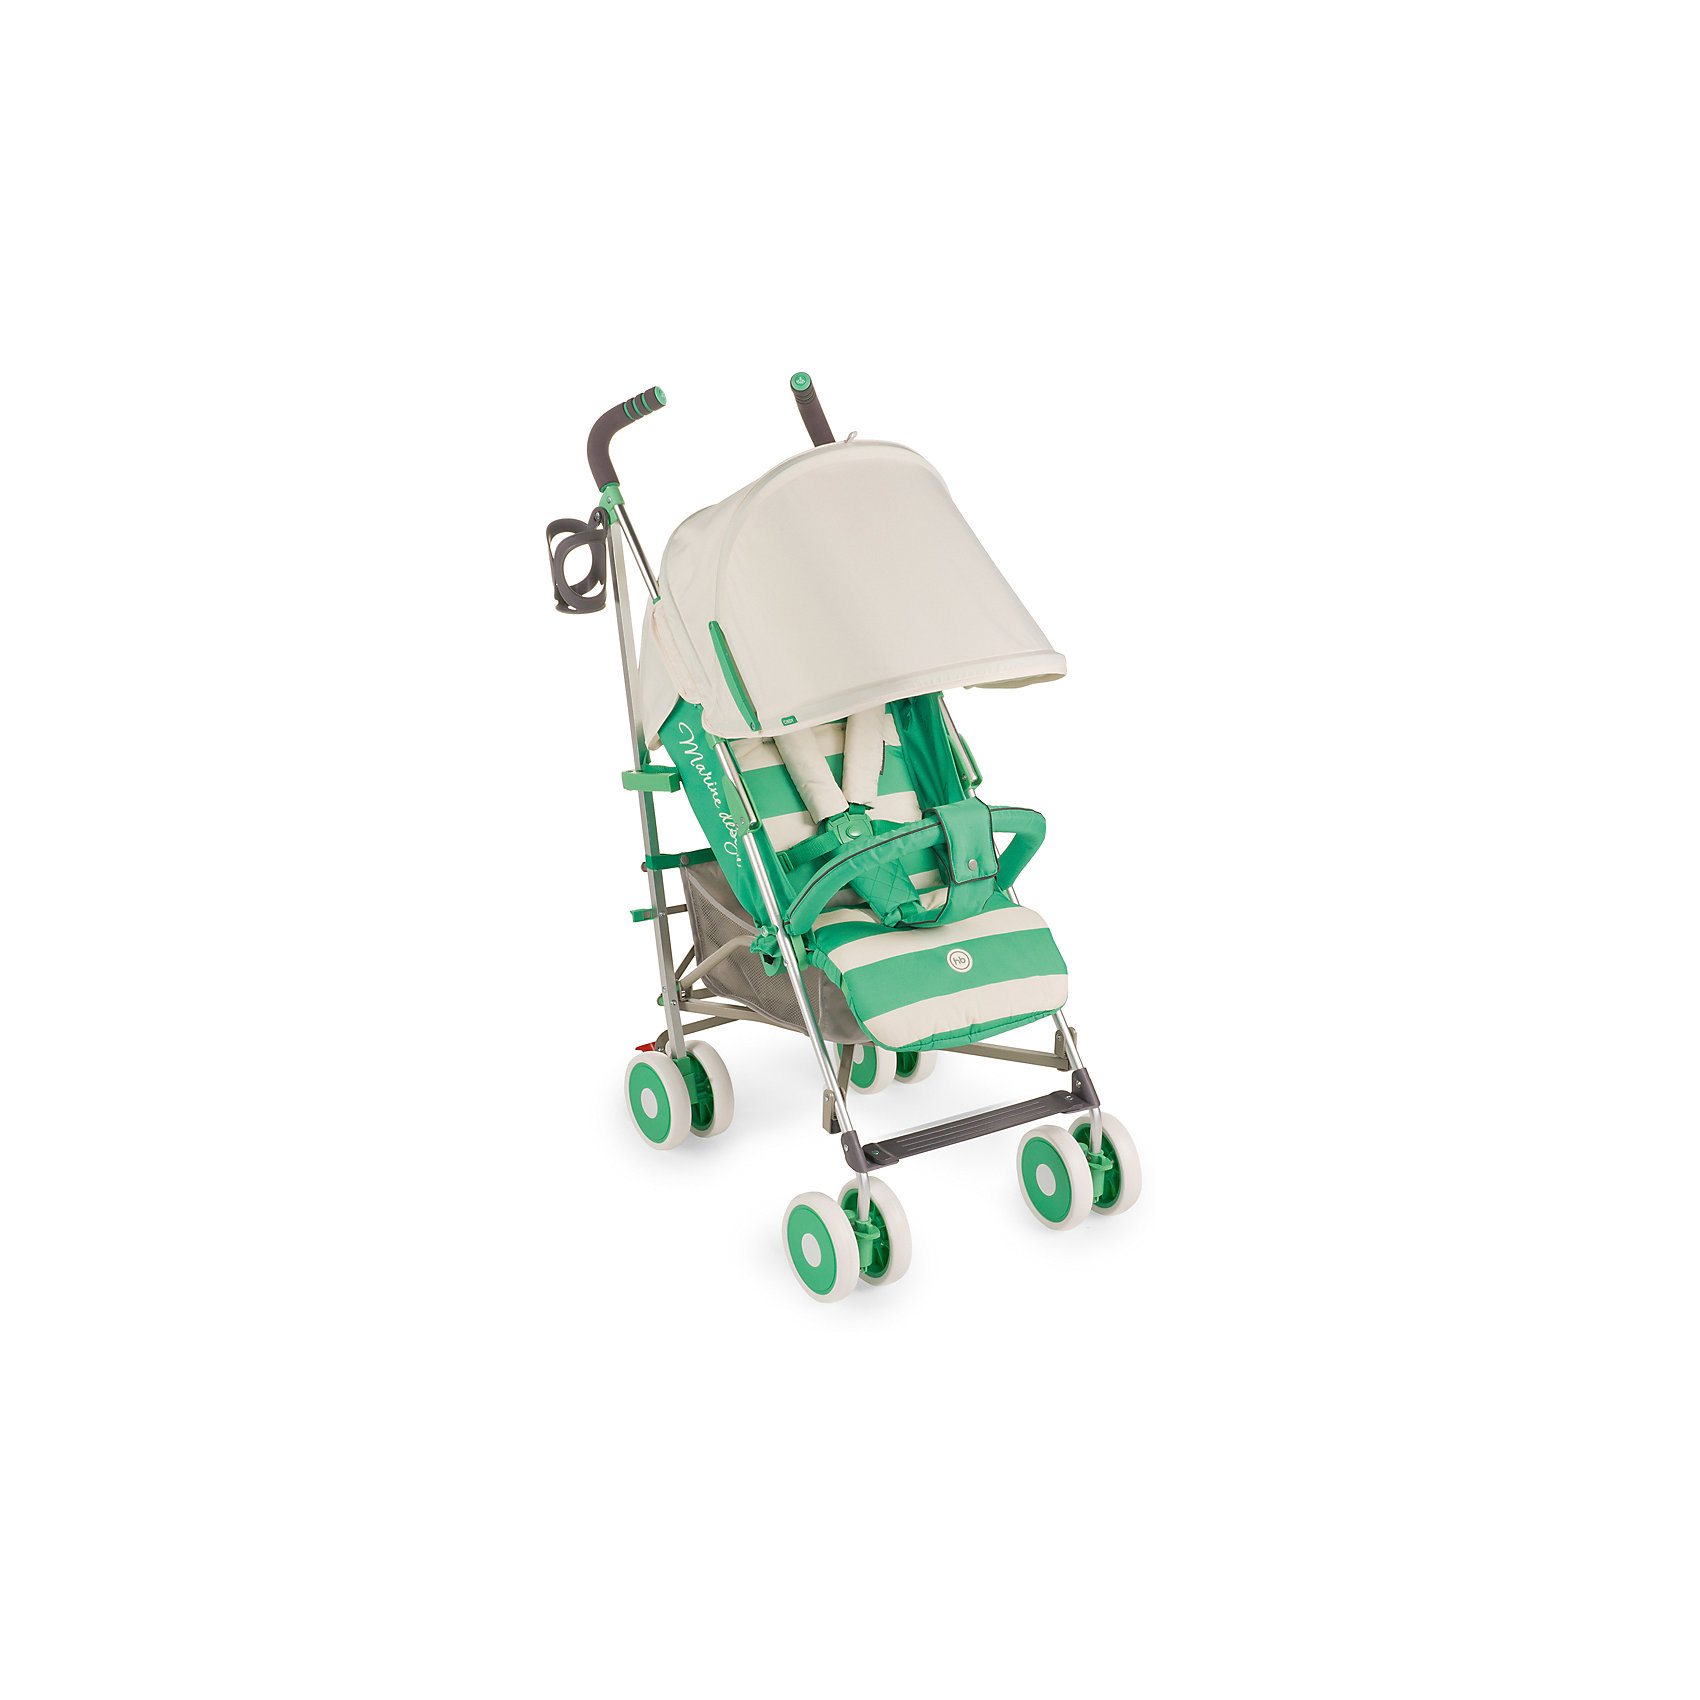 Коляска-трость Cindy, Happy Baby, зеленыйВНИМАНИЕ!!! Первая партия данной модели коляски в комплектации БЕЗ РАЗДЕЛИТЕЛЯ ДЛЯ НОЖЕК. Последующие партии будут приходить с разделителем. <br><br>* До полного обнуления стока по первой партии возможны две комплектации коляски – с разделителем для ног и без него. <br><br>Благодаря современному дизайну и продуманным функциям коляска Cindy подарит удовольствие от использования и малышу, и маме. Пятиточечные ремни безопасности с мягкими накладками надежно и комфортно зафиксируют ребёнка в коляске. Солнцезащитный козырёк опускается до съемного бампера, а спинка и подножка регулируются в трех положениях. Съемная подушка-подголовник и горизонтальный наклон спинки позволят малышу отдохнуть на свежем воздухе. Передние поворотные колеса с возможностью фиксации обеспечат прекрасную маневренность, а тормозной механизм на задних колесах надежно зафиксирует коляску. Большая вместительная корзина для необходимых аксессуаров, подстаканник и удобные ручки не оставят молодых родителей равнодушными. Благодаря компактному размеру в сложенном состоянии и удобной ручке для переноски коляску можно взять с собой в путешествие. Обивка изготовлена из дышащих материалов. Мягкая подкладка для головы и плеч создаст дополнительный уют вашему малышу. Ткань проста в уходе. Легко чистить влажной тряпочкой.<br><br>Дополнительная информация:<br><br>Размеры в разложенном виде ДхШхВ: 77х48х108 см<br>Размеры в сложенном виде ДхШхВ: 109х26,5х34 см<br>Максимальный вес ребенка: 15 кг<br>Ширина сиденья: 31 см<br>Длина спального места: 84 см<br>Глубина сиденья: 20 см + 17 см (подножка)<br>Длина спинки: 48см<br>Кол-во положений спинки: 3<br>Углы наклона спинки: 108, 128, 175<br>Передние поворотные колеса (360°)<br>Задние колеса с тормозным механизмом<br>Амортизация передних и задних колес<br>В комплекте дождевик, подстаканник, москитная сетка.<br>Тип складывания: трость<br>Вес коляски: 7,3 кг<br>Ручка с нескользящим покрытием<br>Капюшон с увеличением опускается до б